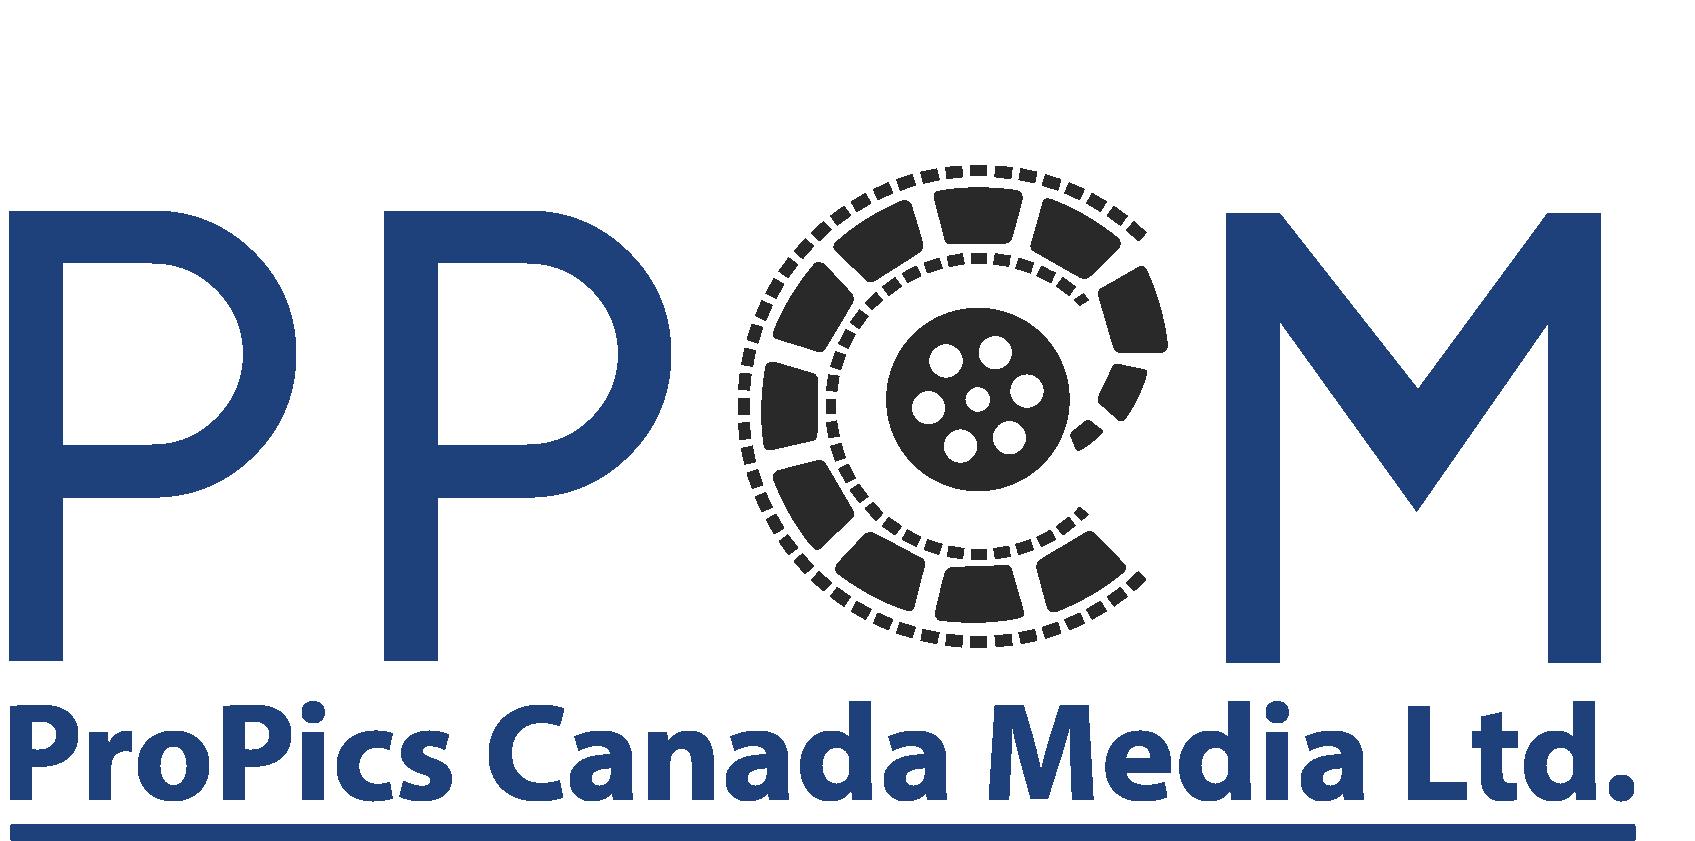 ProPics Canada Media Ltd. Logo